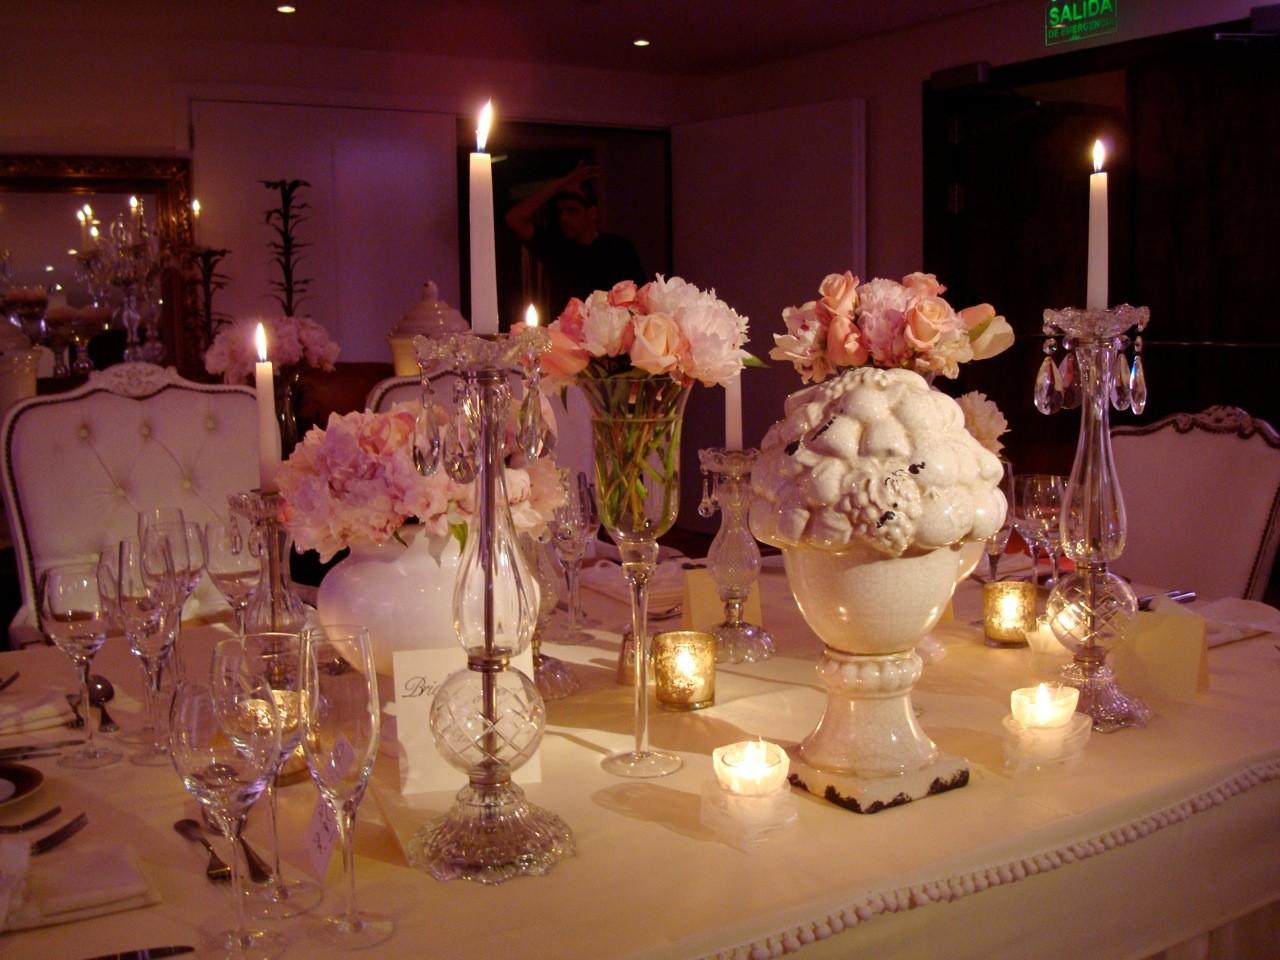 Decoración para casamiento de noche: Detalles que hacen la diferencia